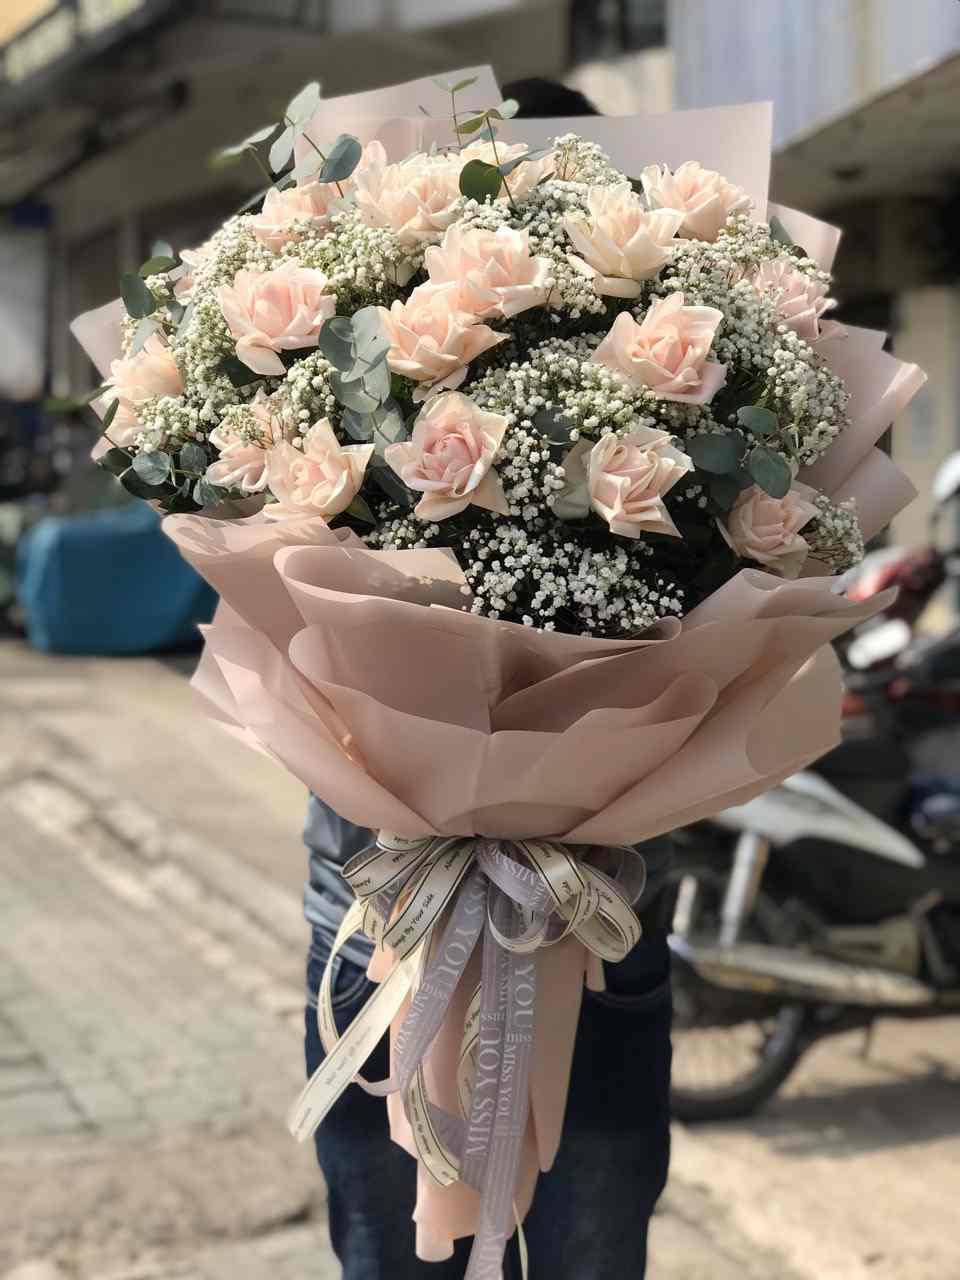 Bó hoa hồng sang trọng Chuẩn bị giao tới cho khách tại Tân Biên